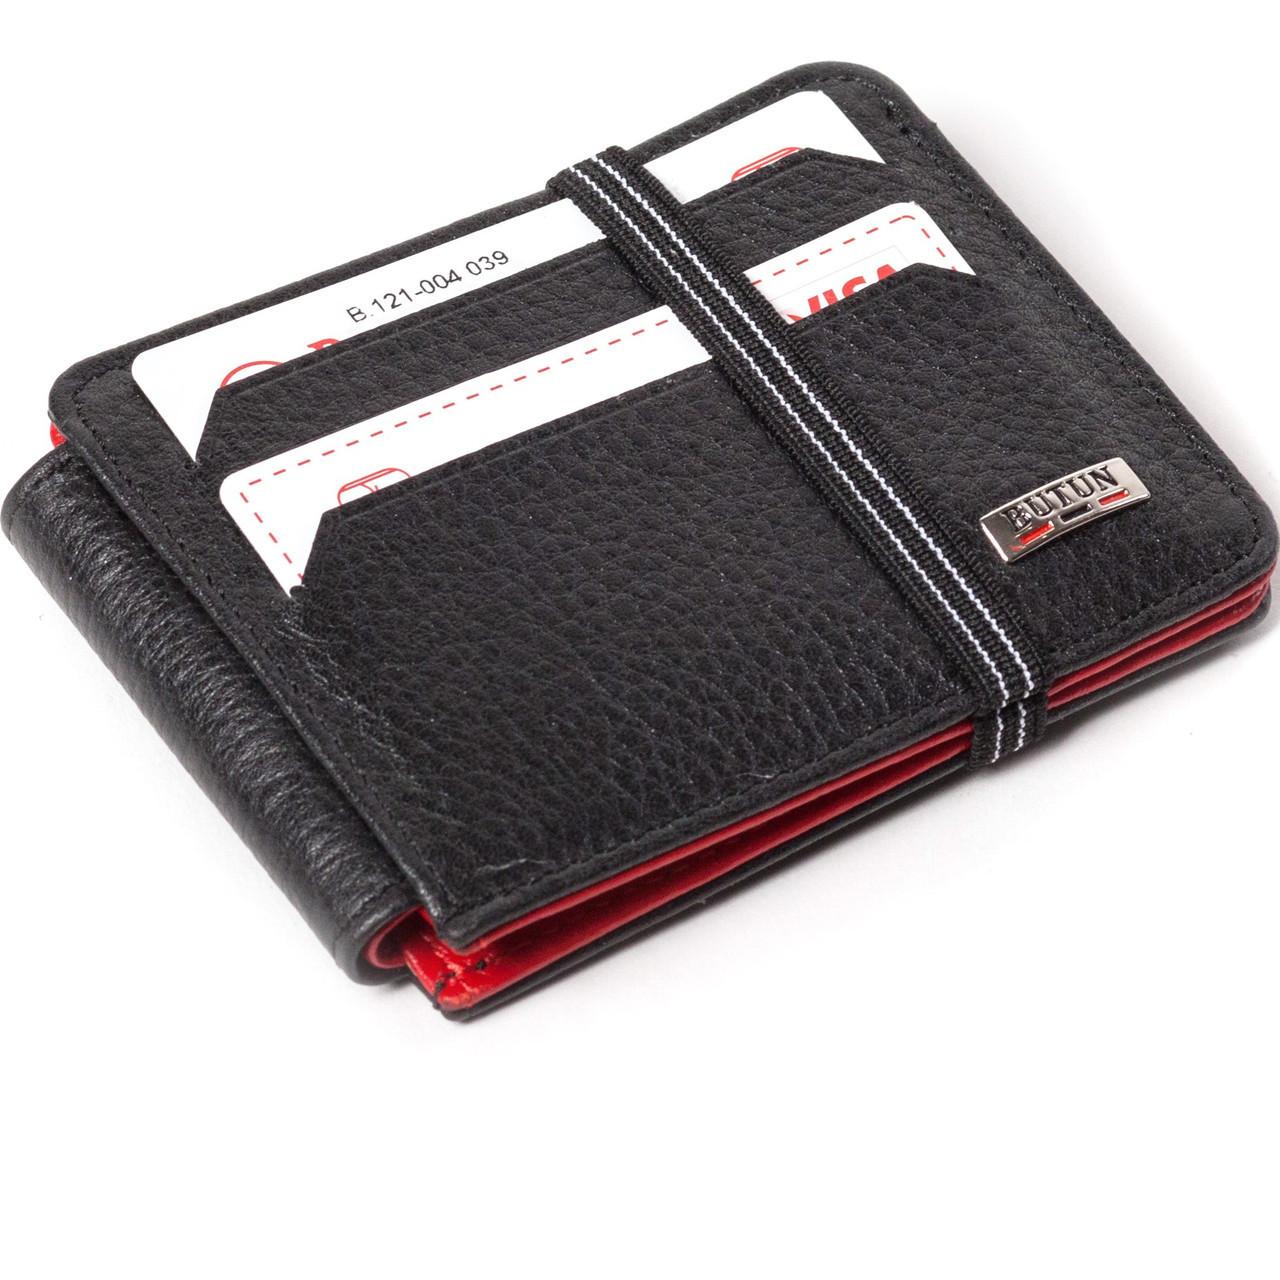 Гаманець-кредитница Butun 121-004-039 шкіряний чорний з червоним